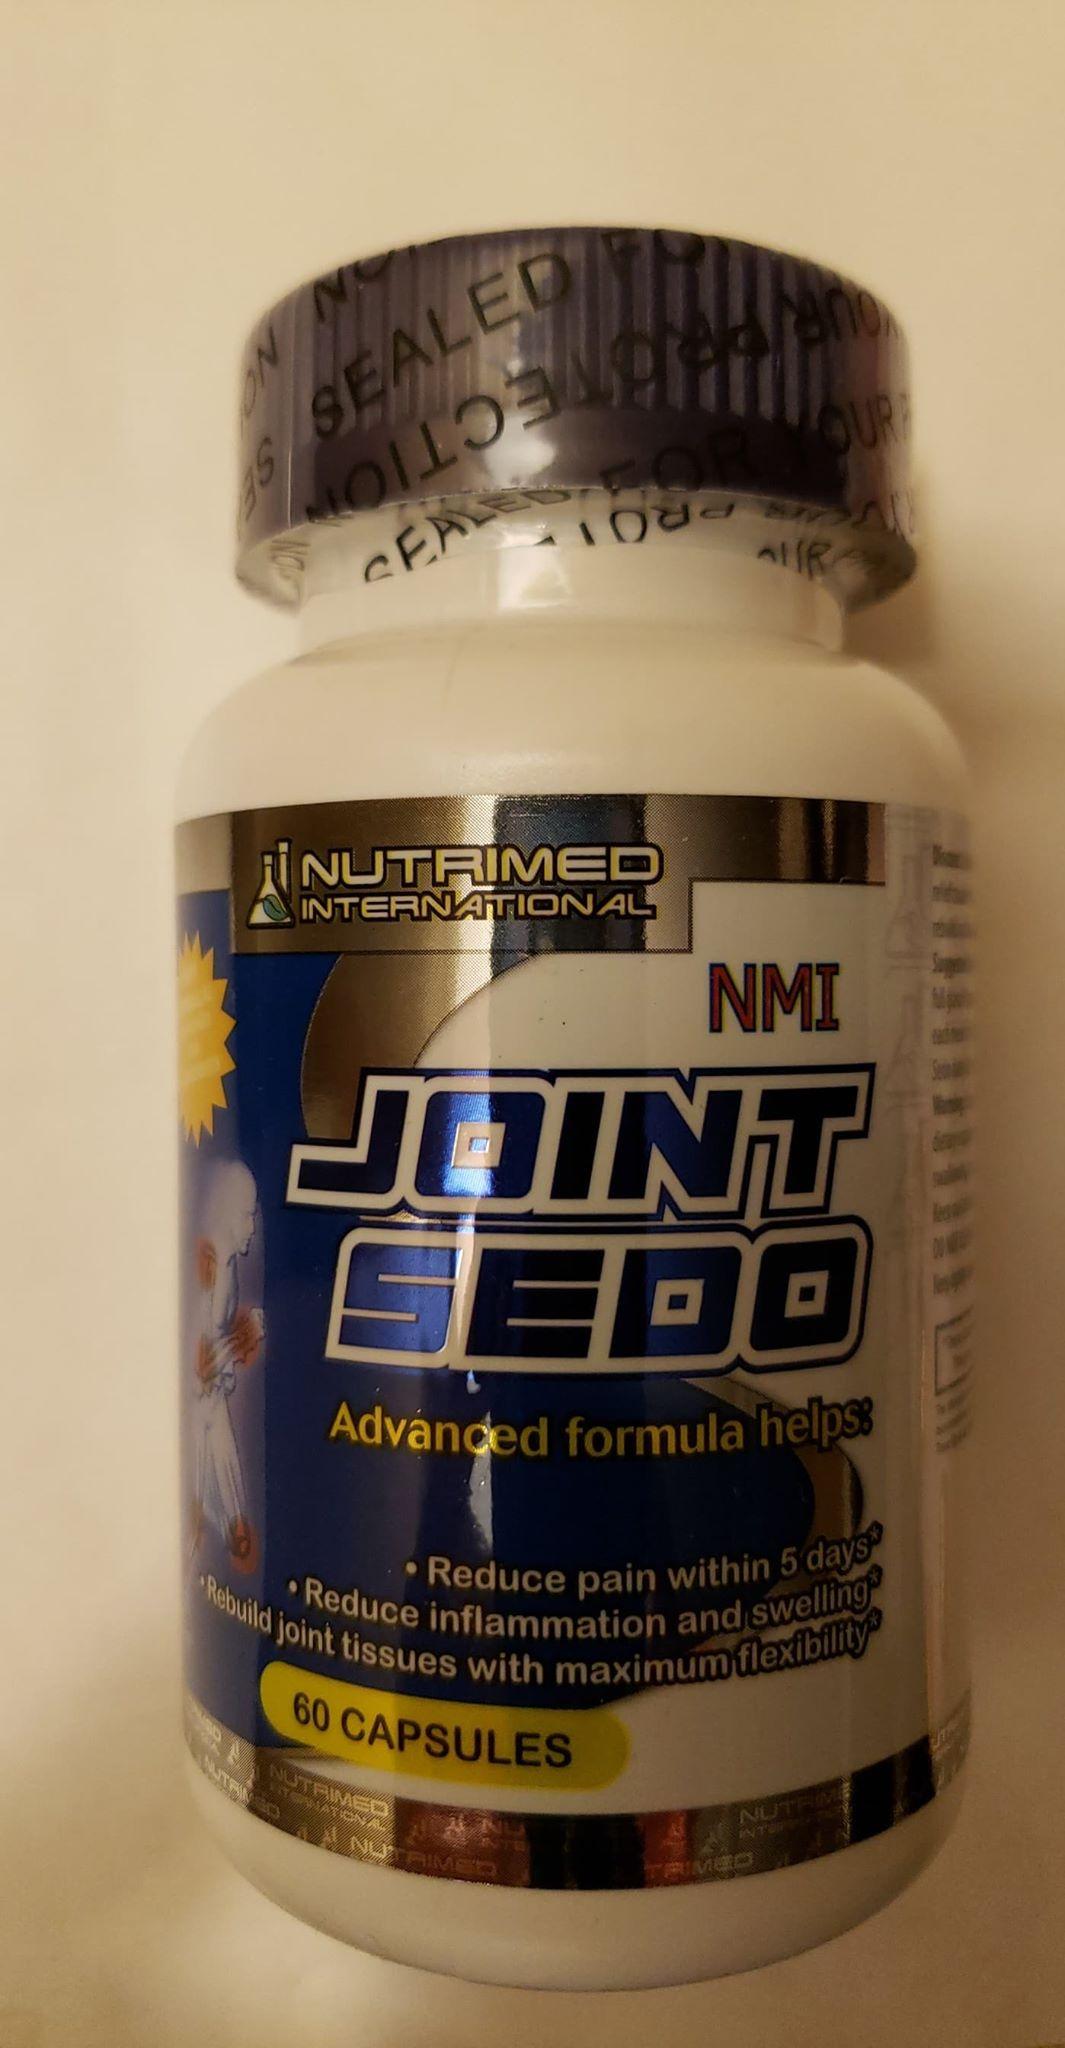 NMI Joint Sedo